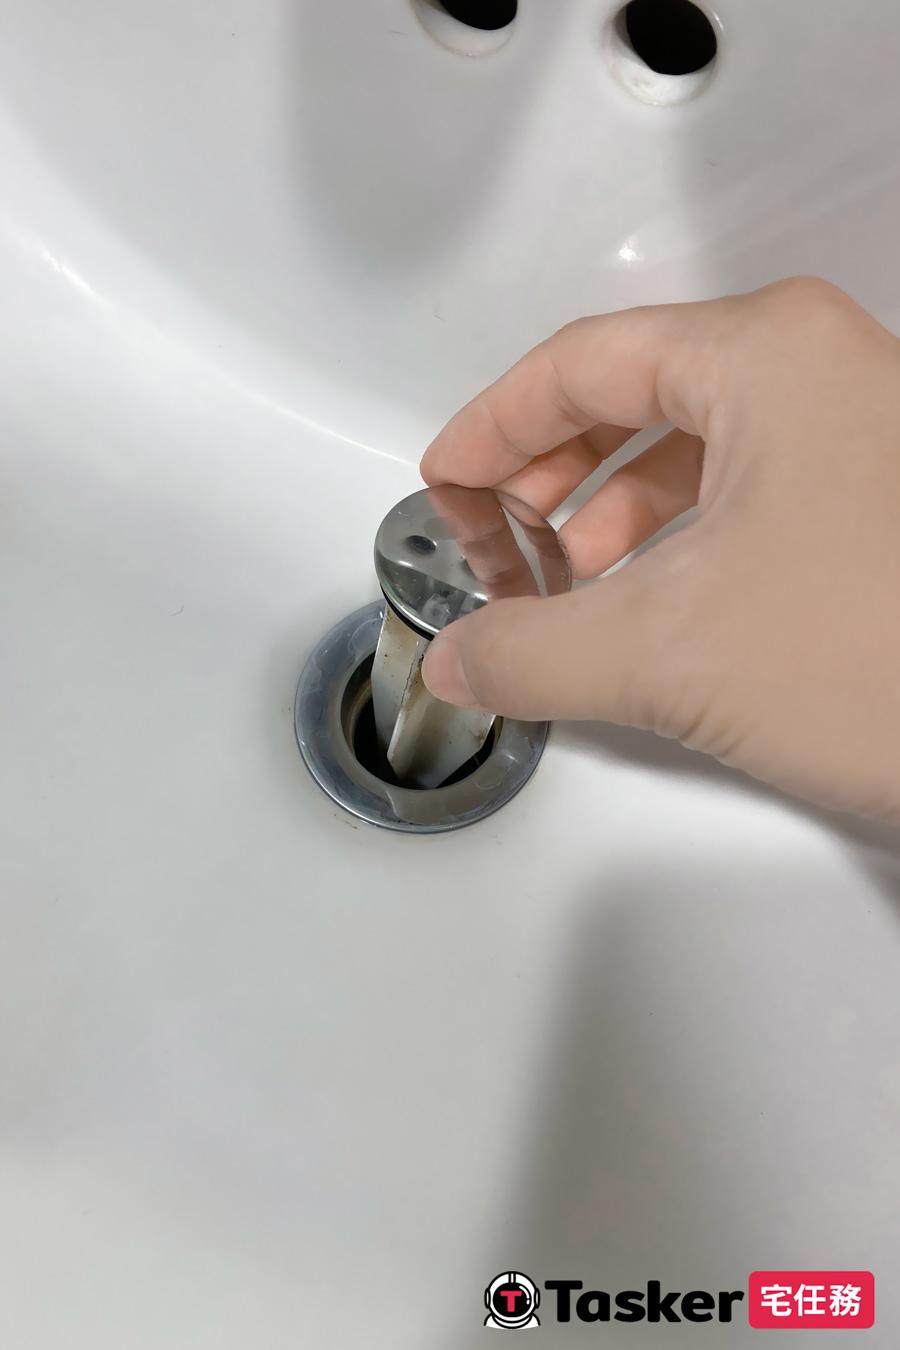 洗臉盆塞頭